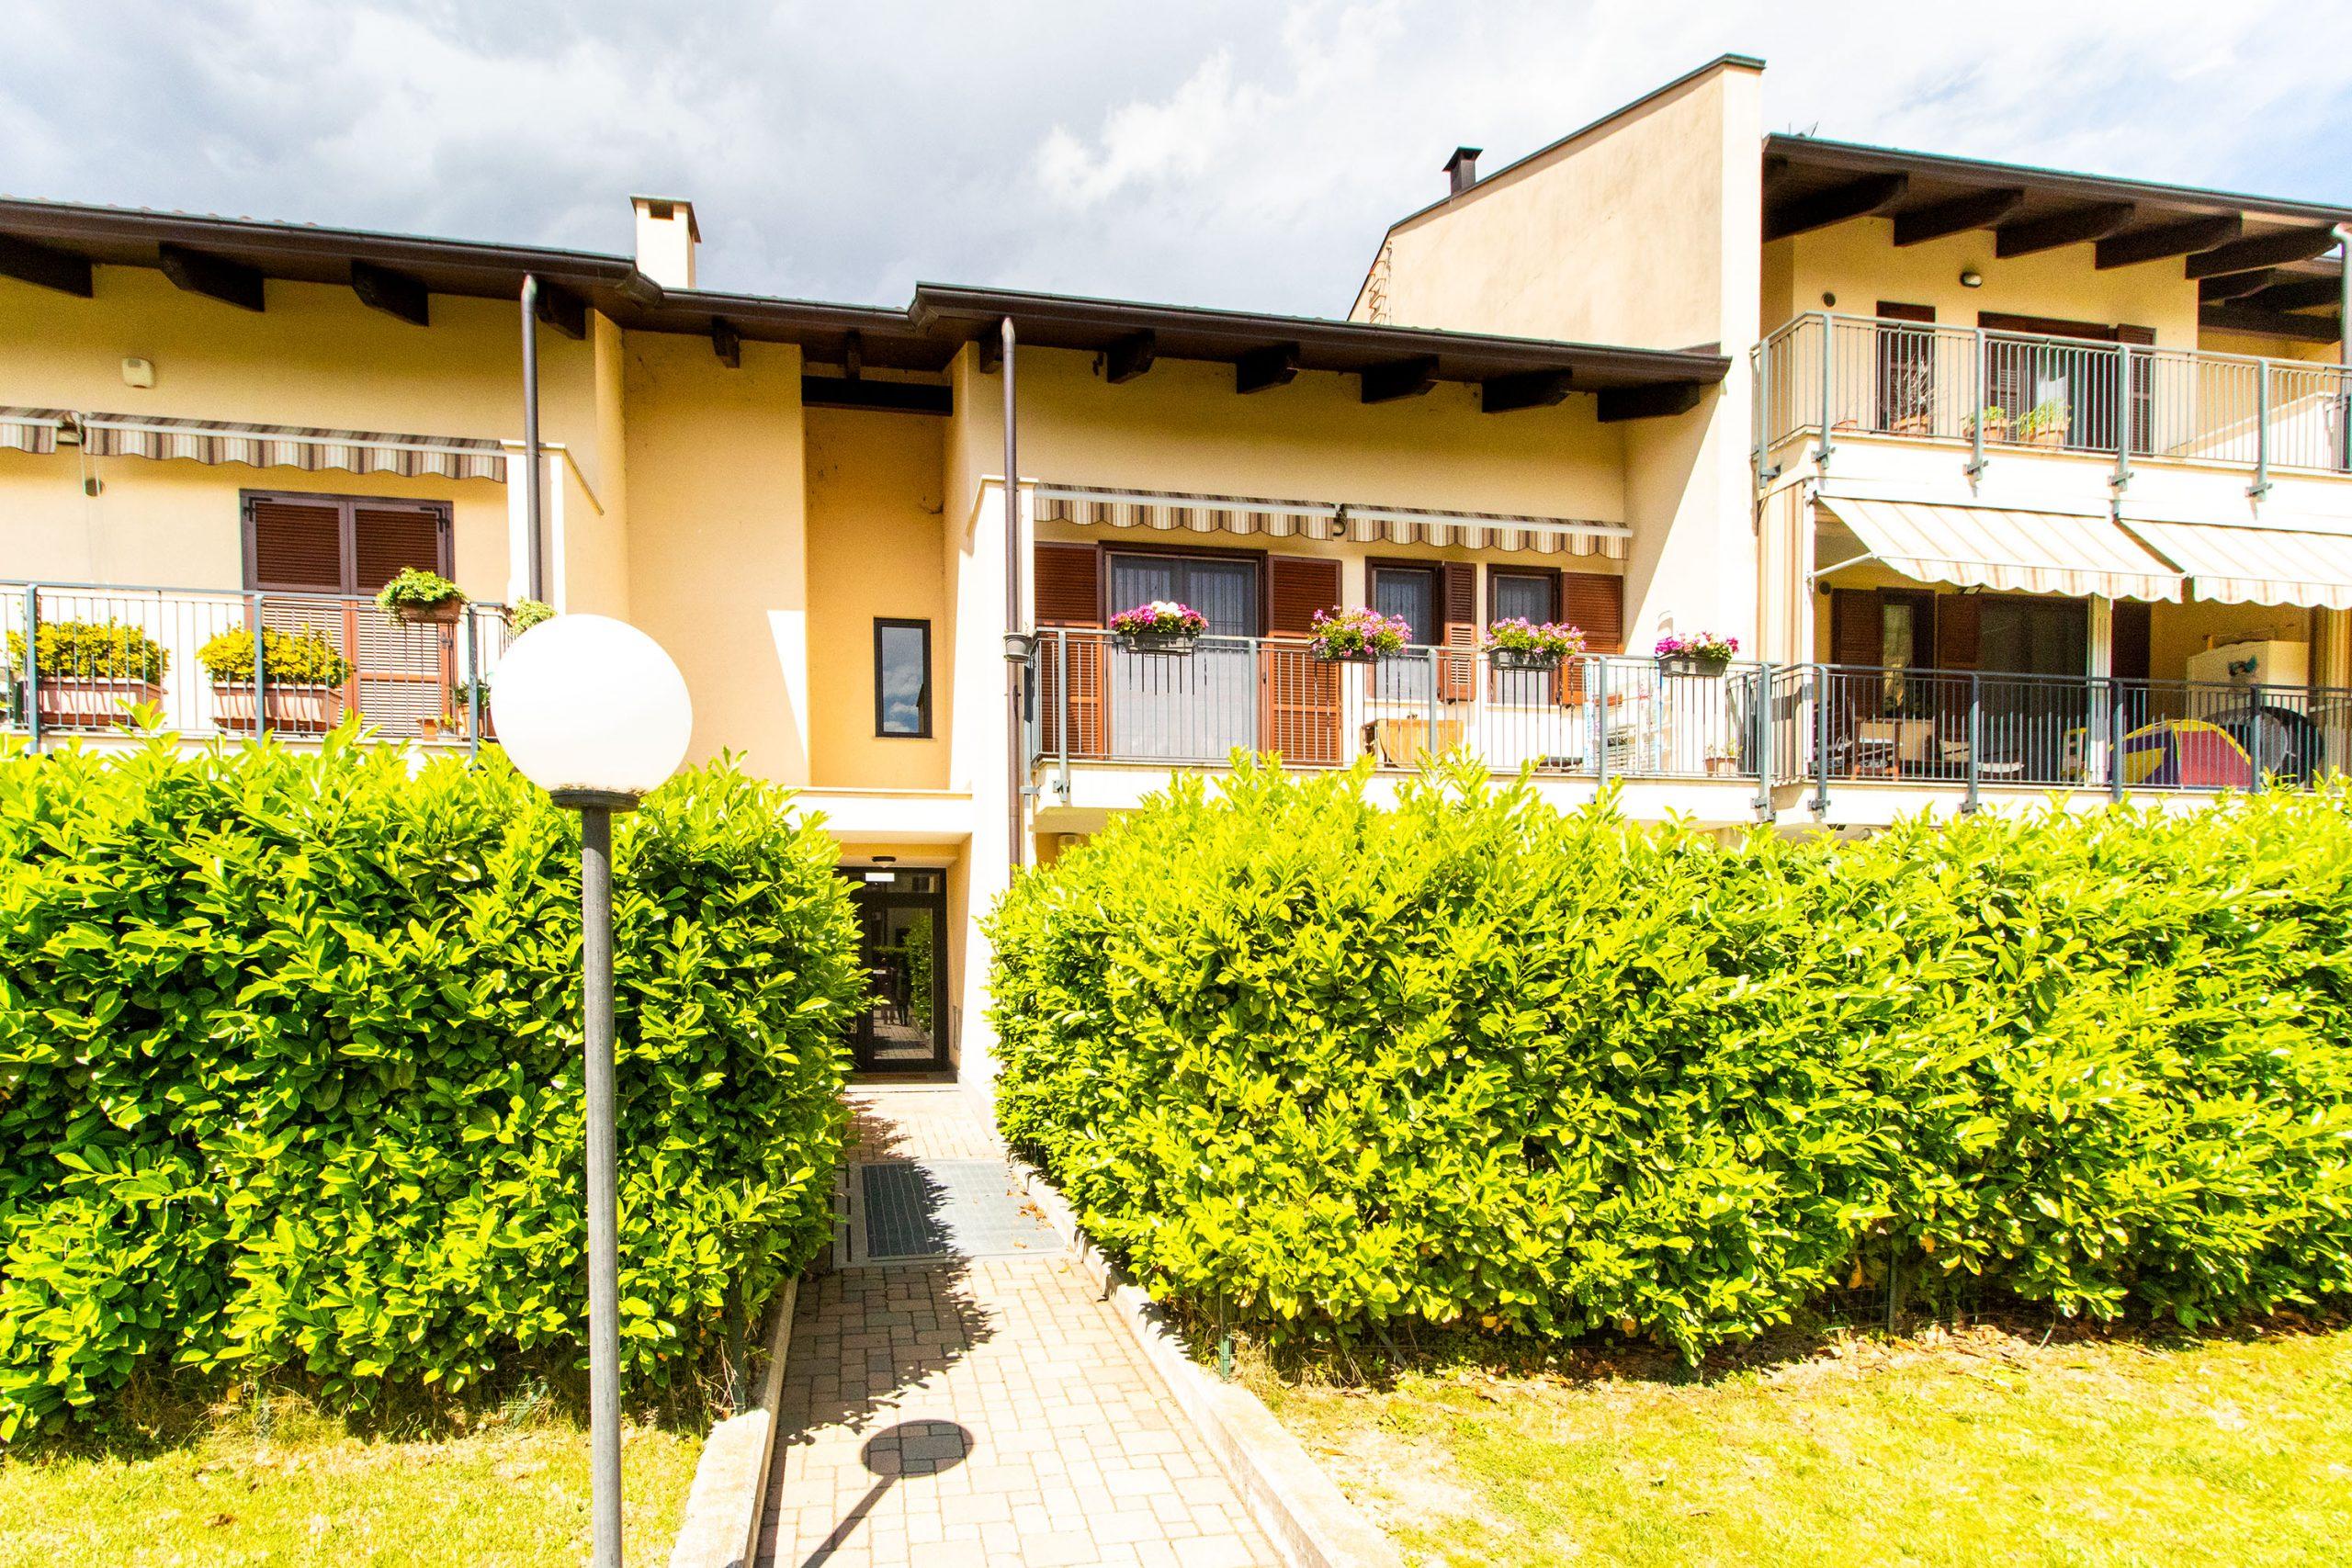 Trilocale con giardino via Moncalieri 29, Grugliasco